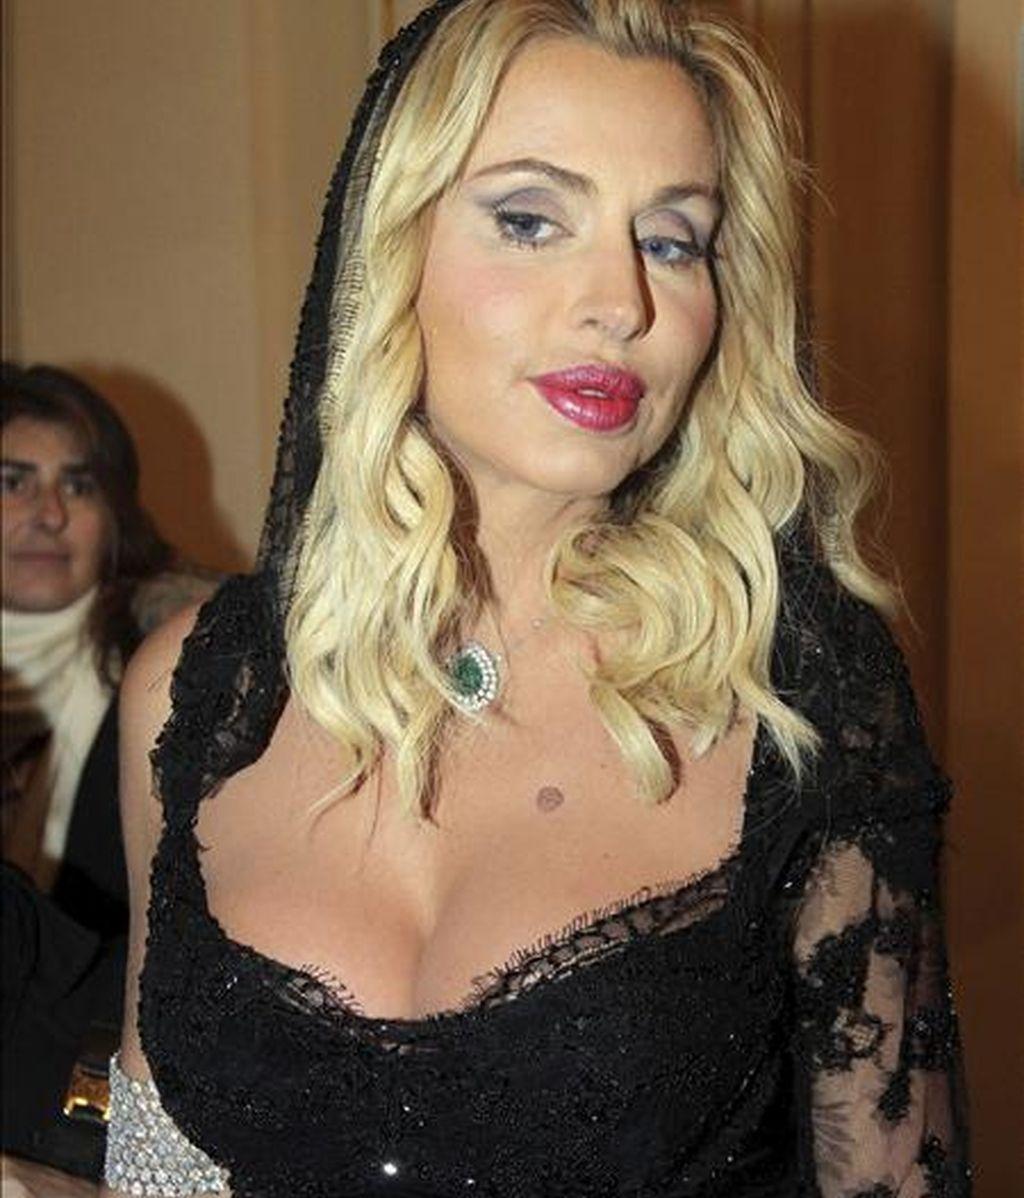 La actriz italiana Valeria Marini posa para los medios a su llegada a La Scala de Milán. EFE